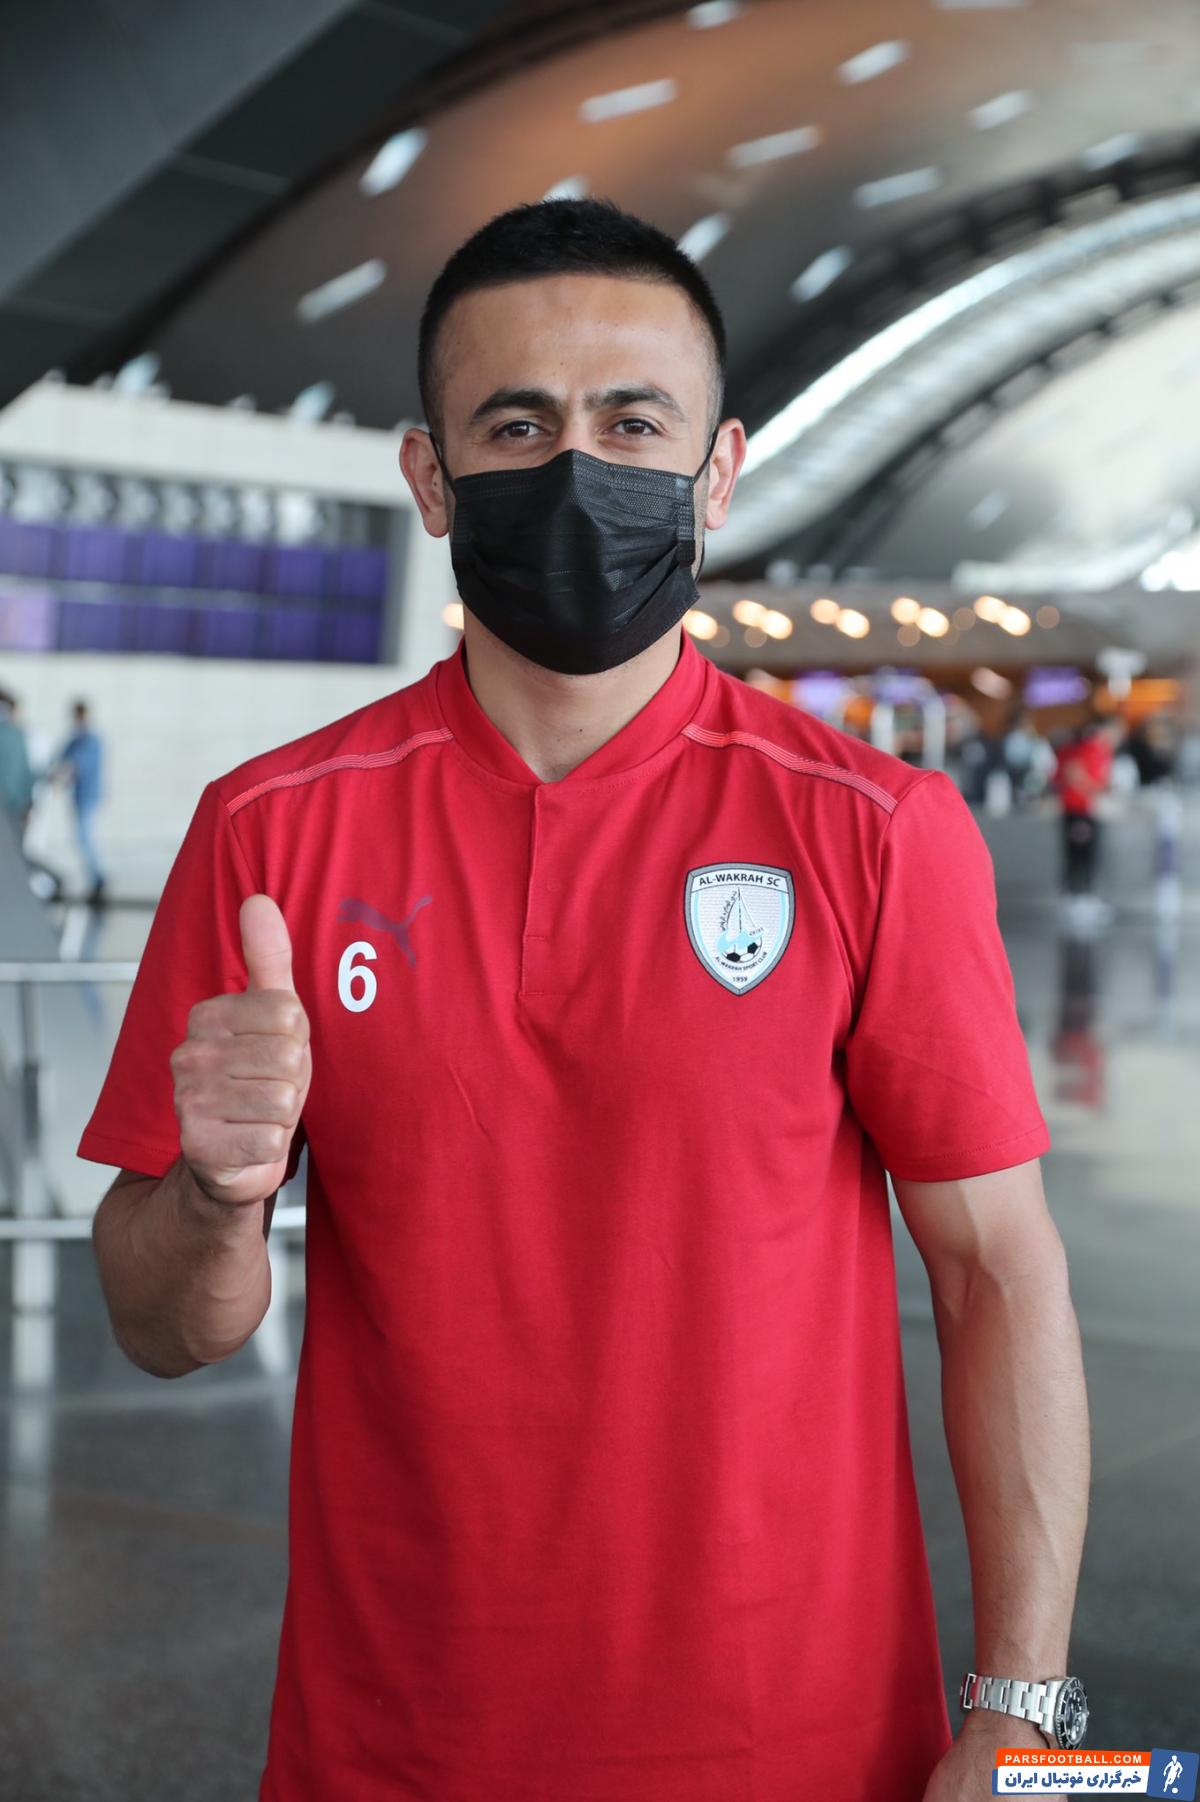 امید ابراهیمی بعد از 3 فصل حضور در الاهلی در نهایت از این تیم جدا شد و در این فصل با پیراهن الوکره به میدان خواهد رفت.